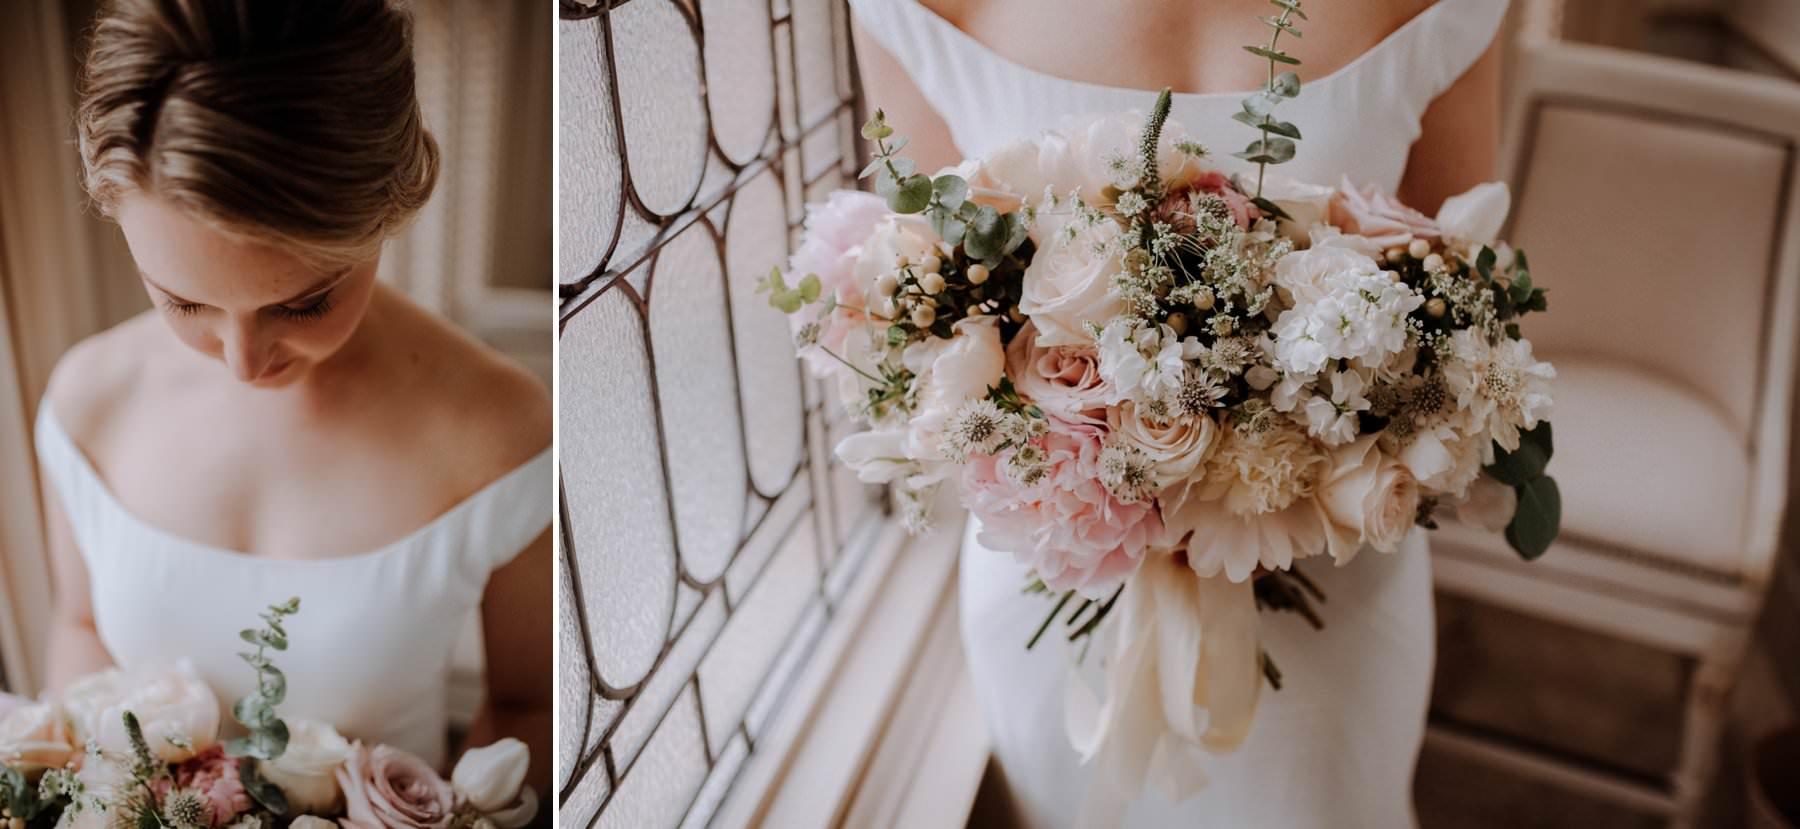 westmoreland_club_Wilkes_Berre_wedding-15.jpg